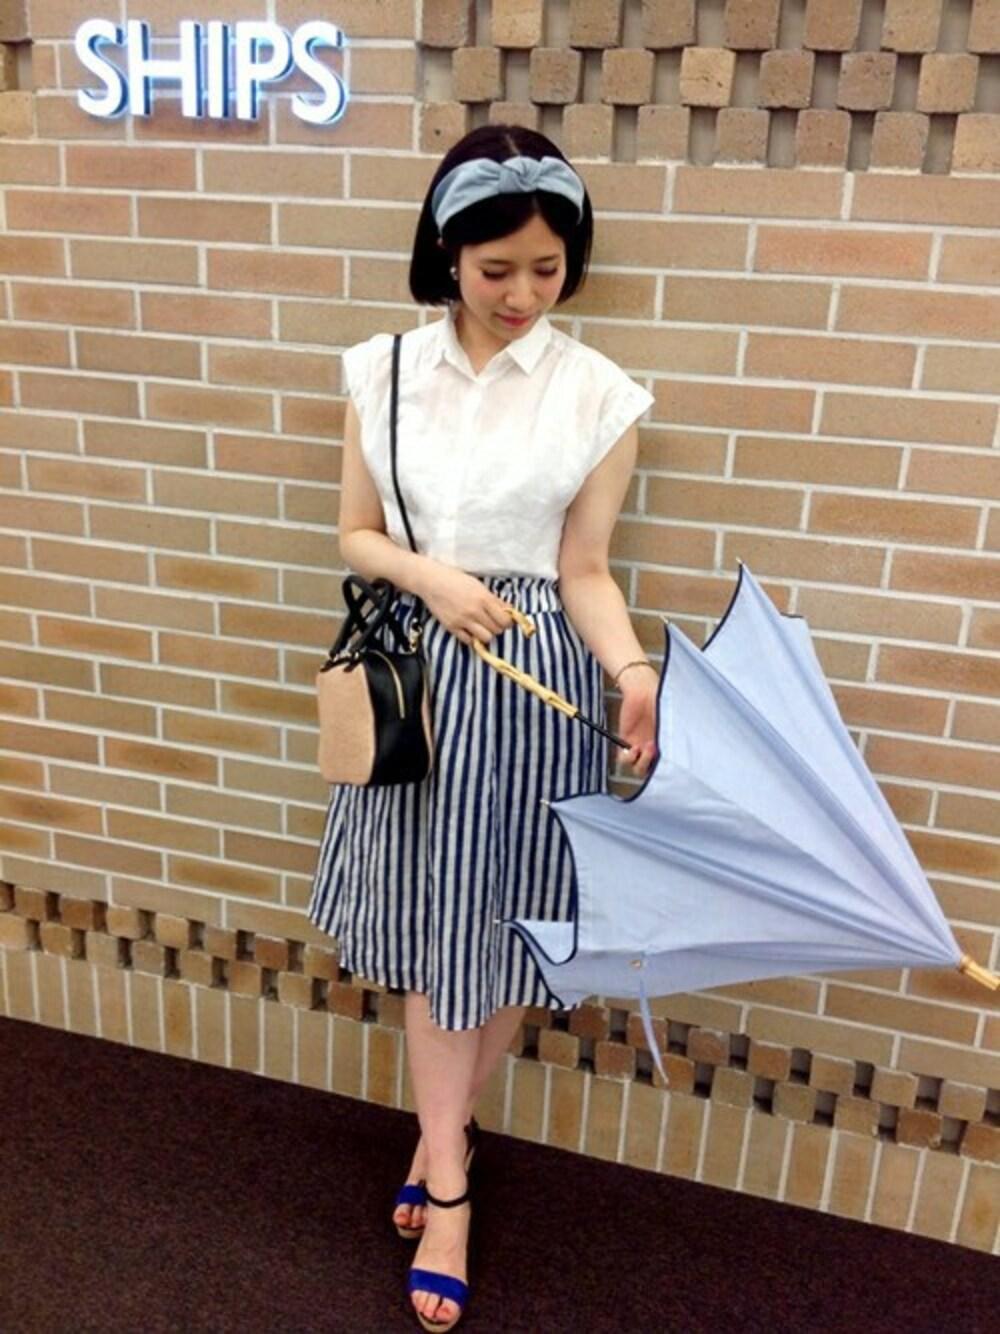 雨用サンダル スカート 服選び